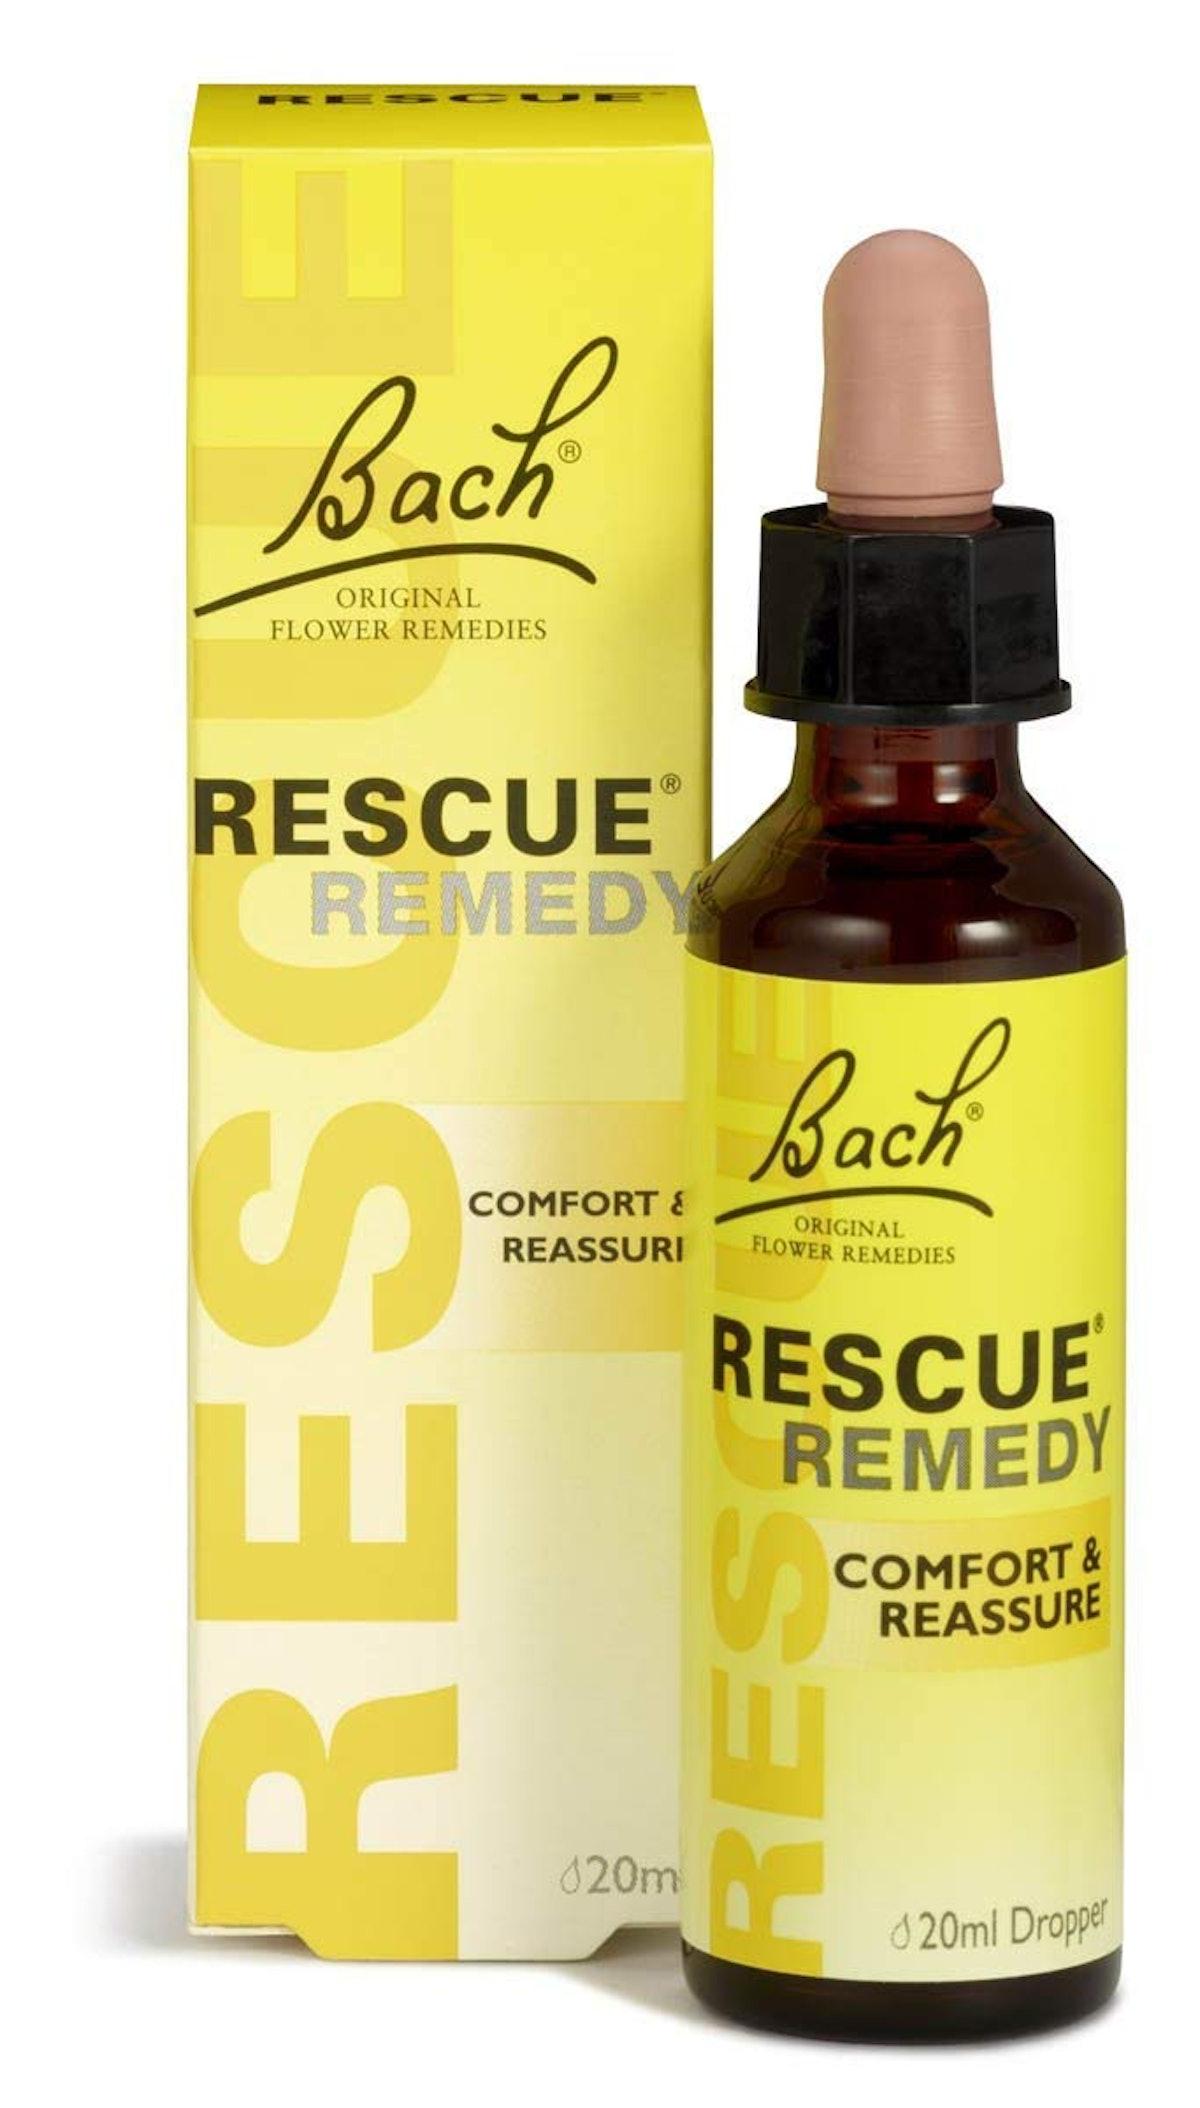 Rescue Remedy Dropper